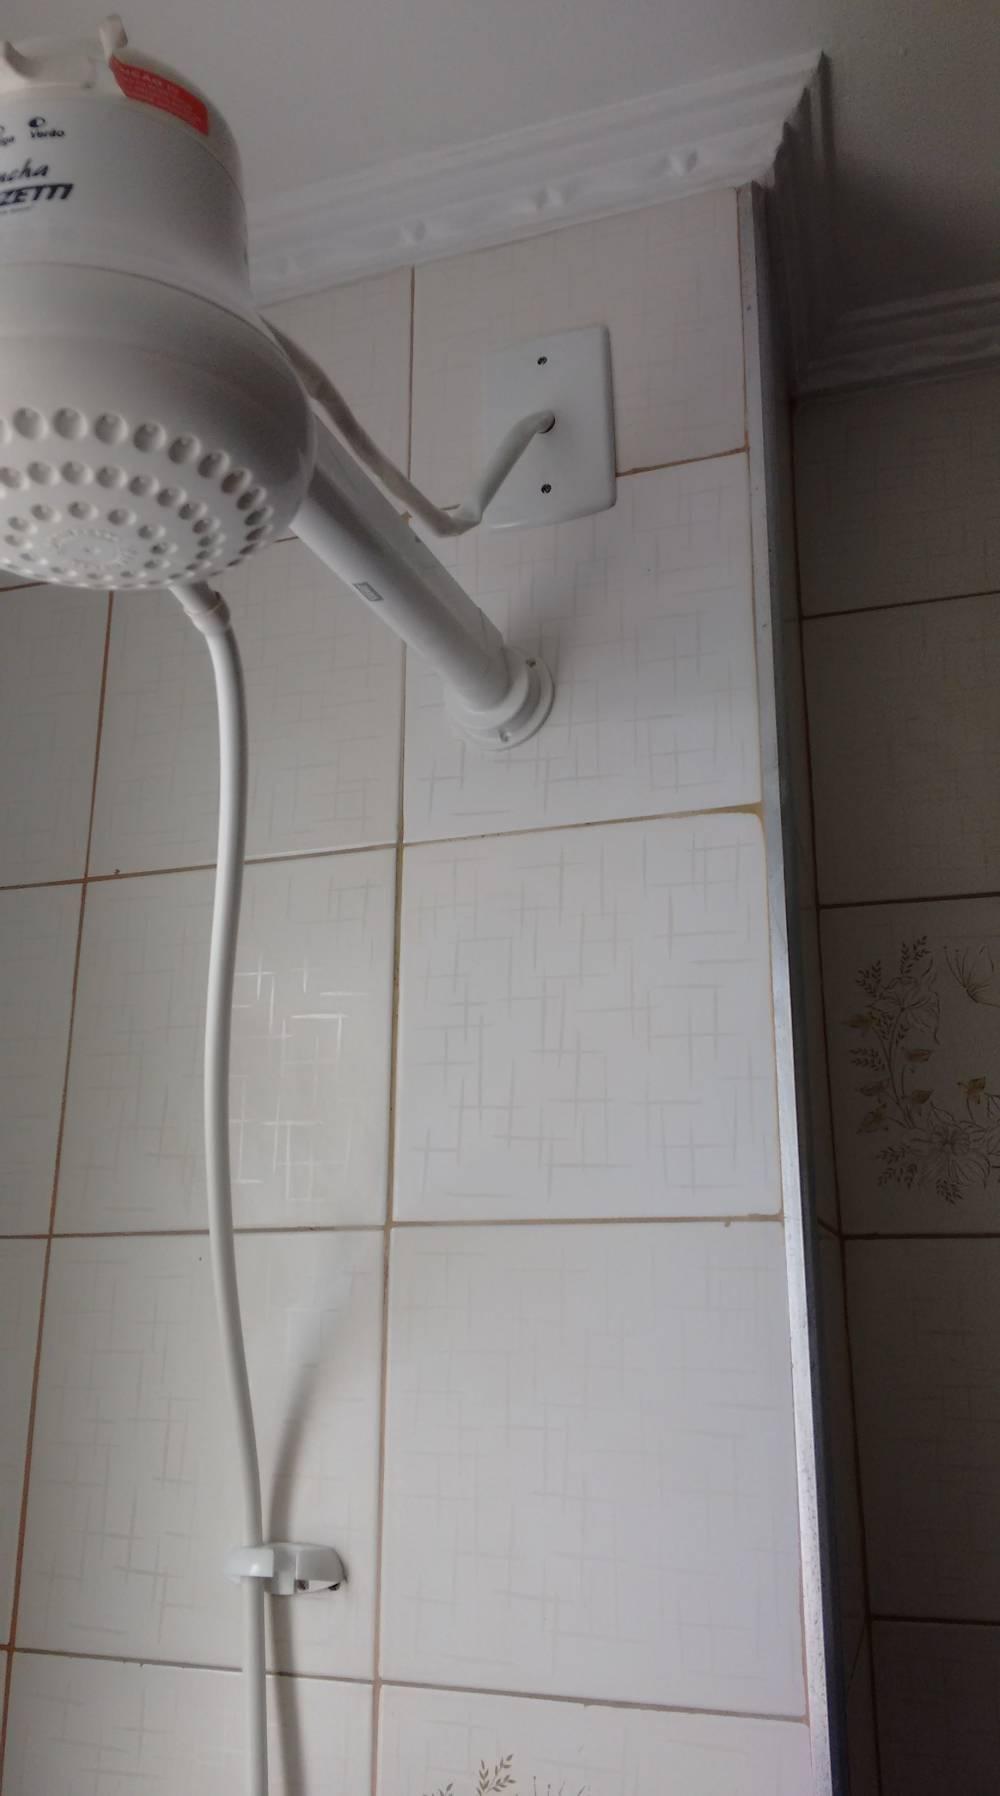 Empresas para Fazer Serviços de Instalação de Ventiladores de Teto na Vila Palmares - Instalação de Ventilador de Teto